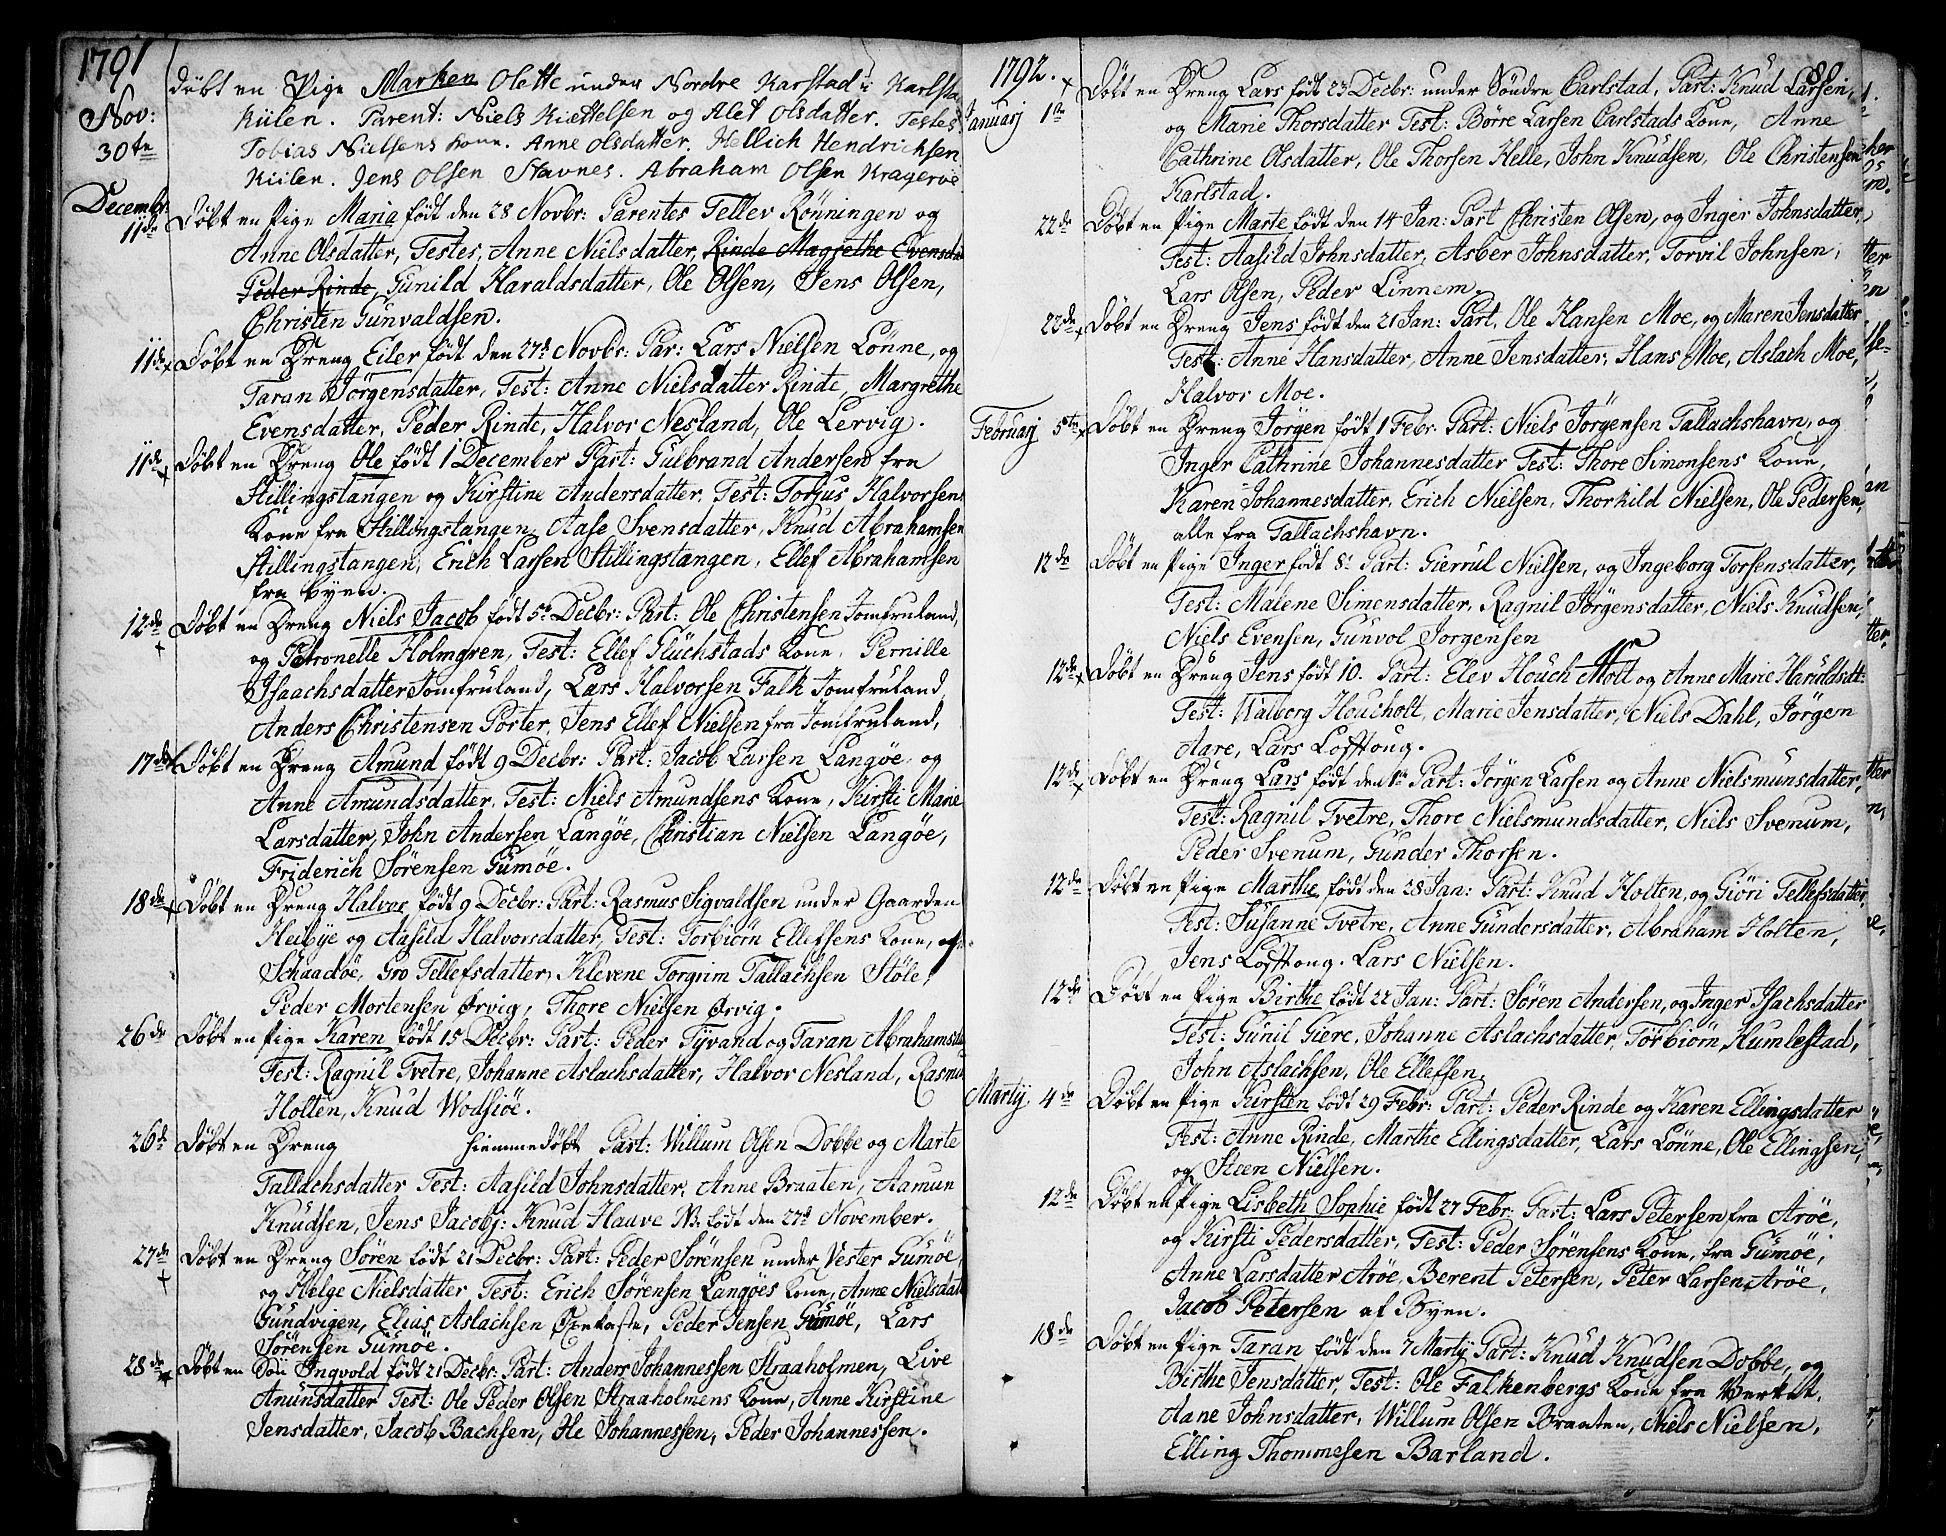 SAKO, Sannidal kirkebøker, F/Fa/L0002: Ministerialbok nr. 2, 1767-1802, s. 80